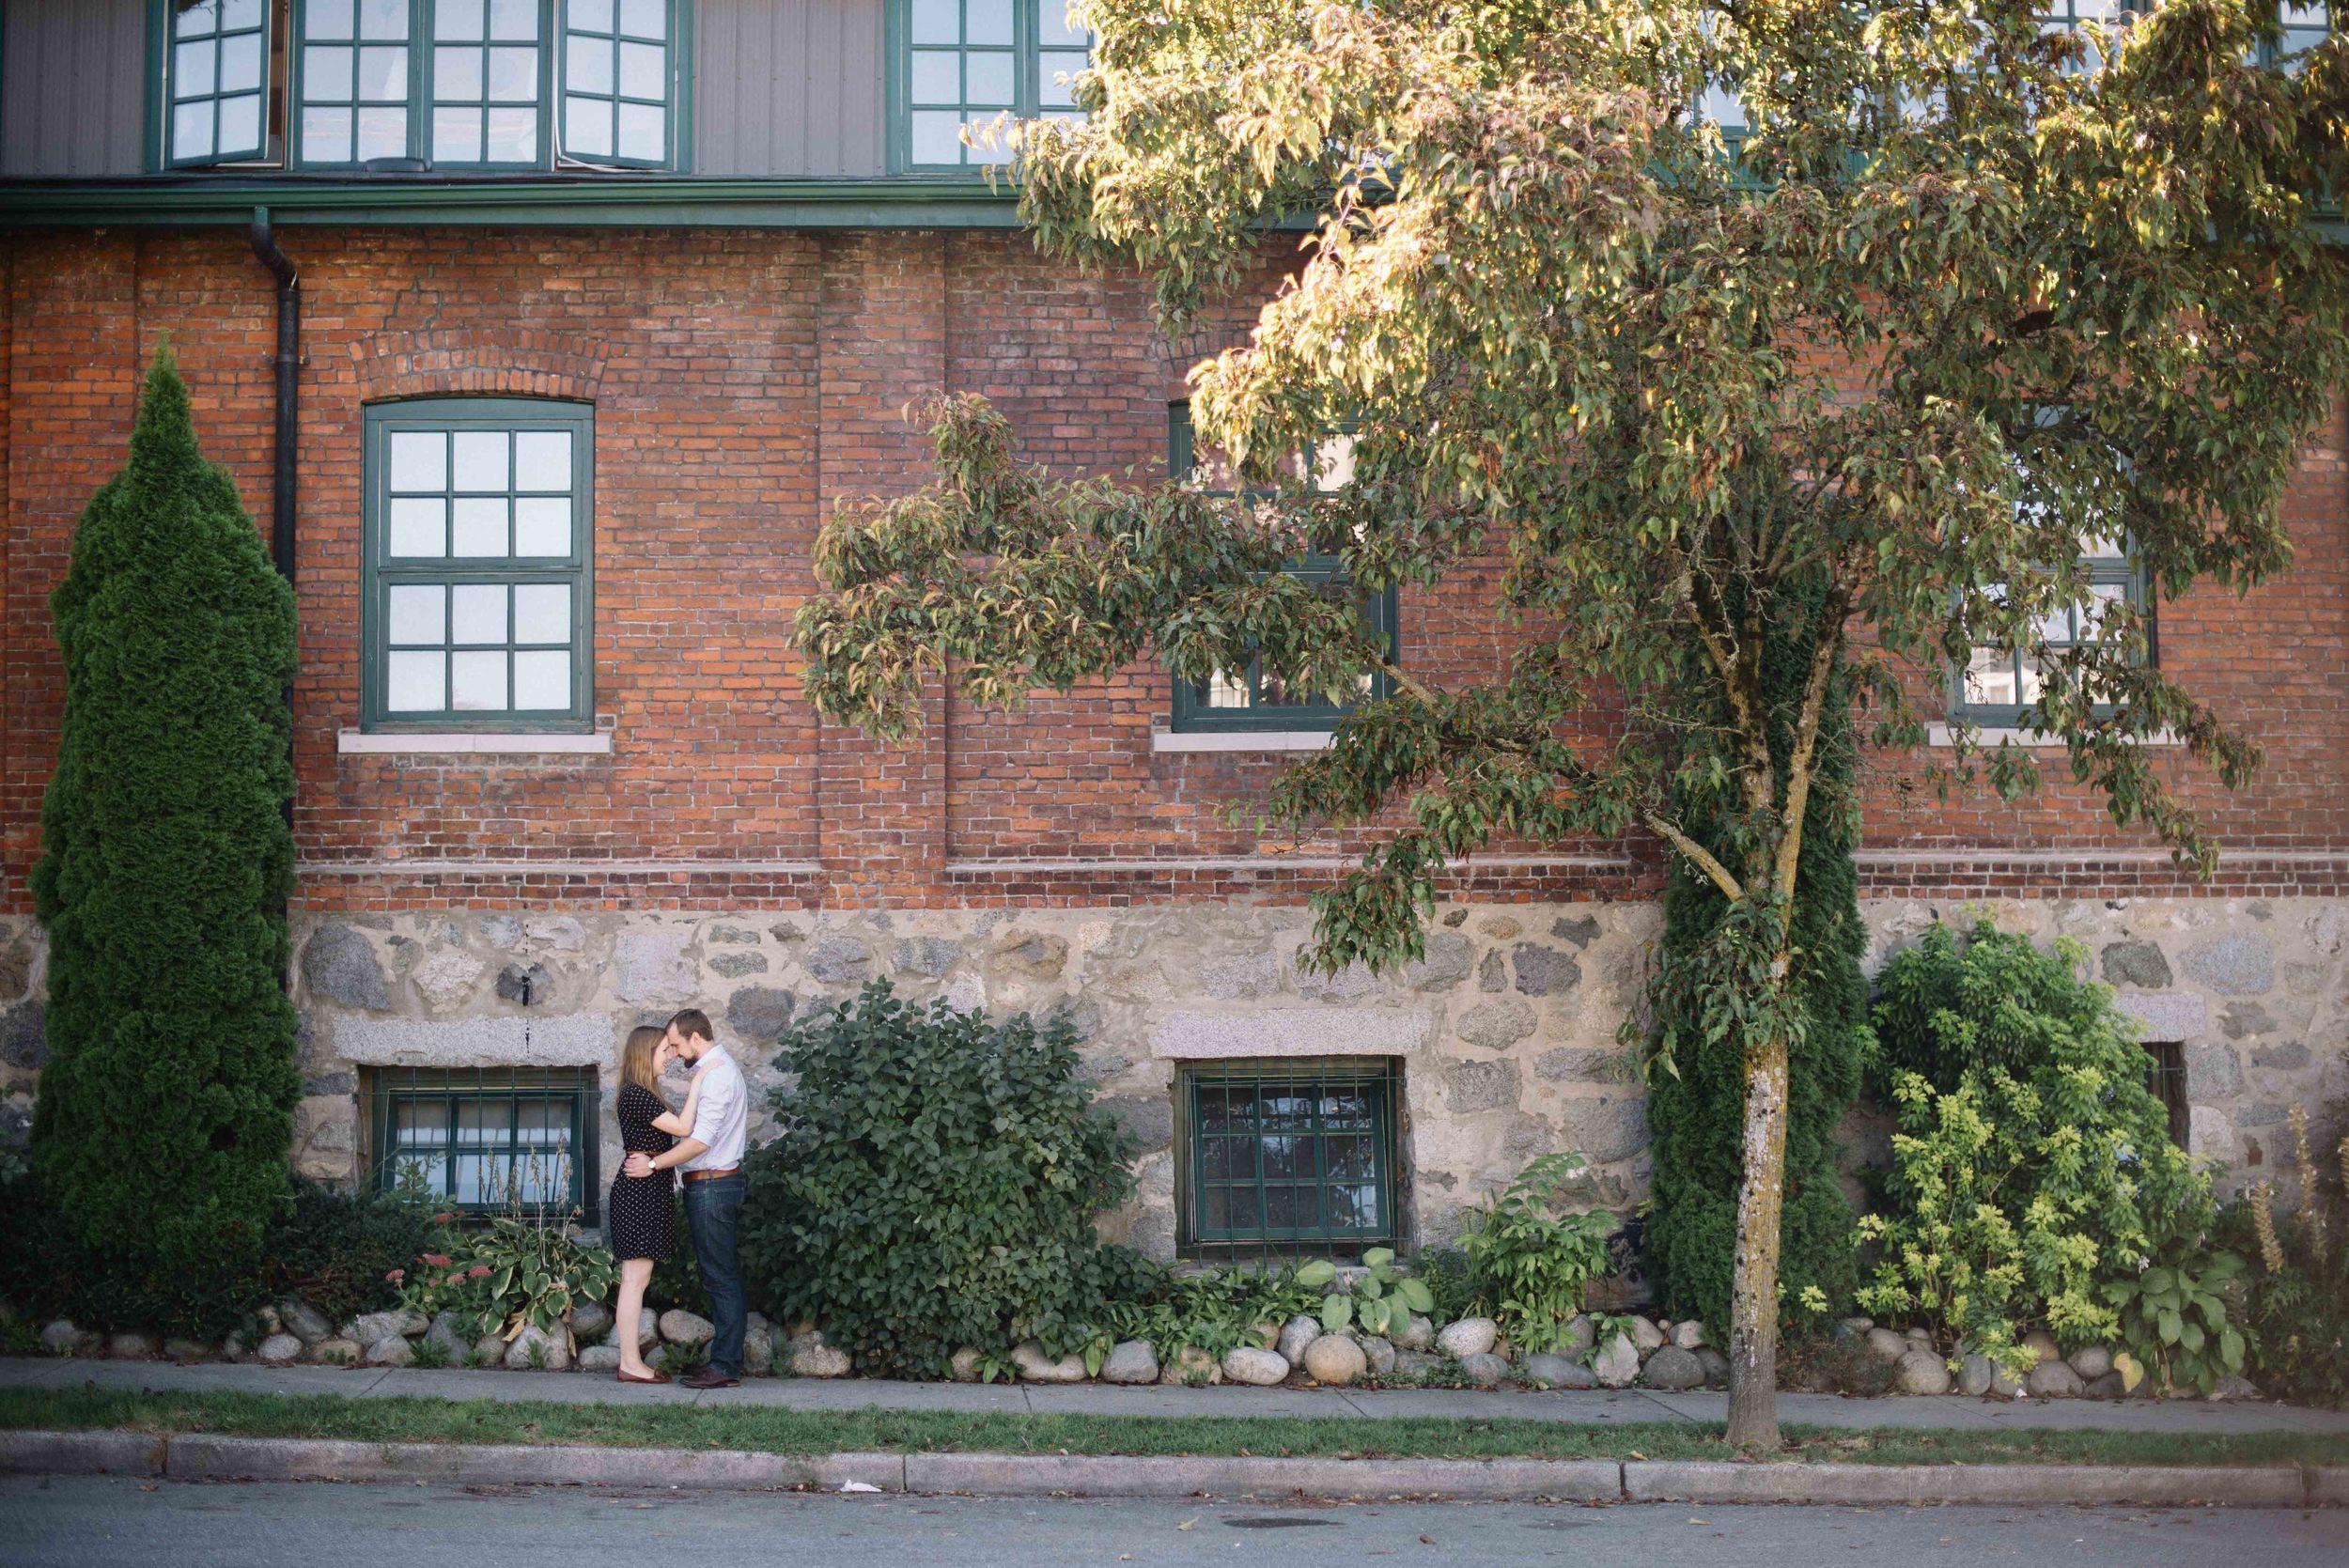 Marisa & Eike_Couples Photography_East Van_Vancouver Photography_Katie Powell Photography_-7.jpg